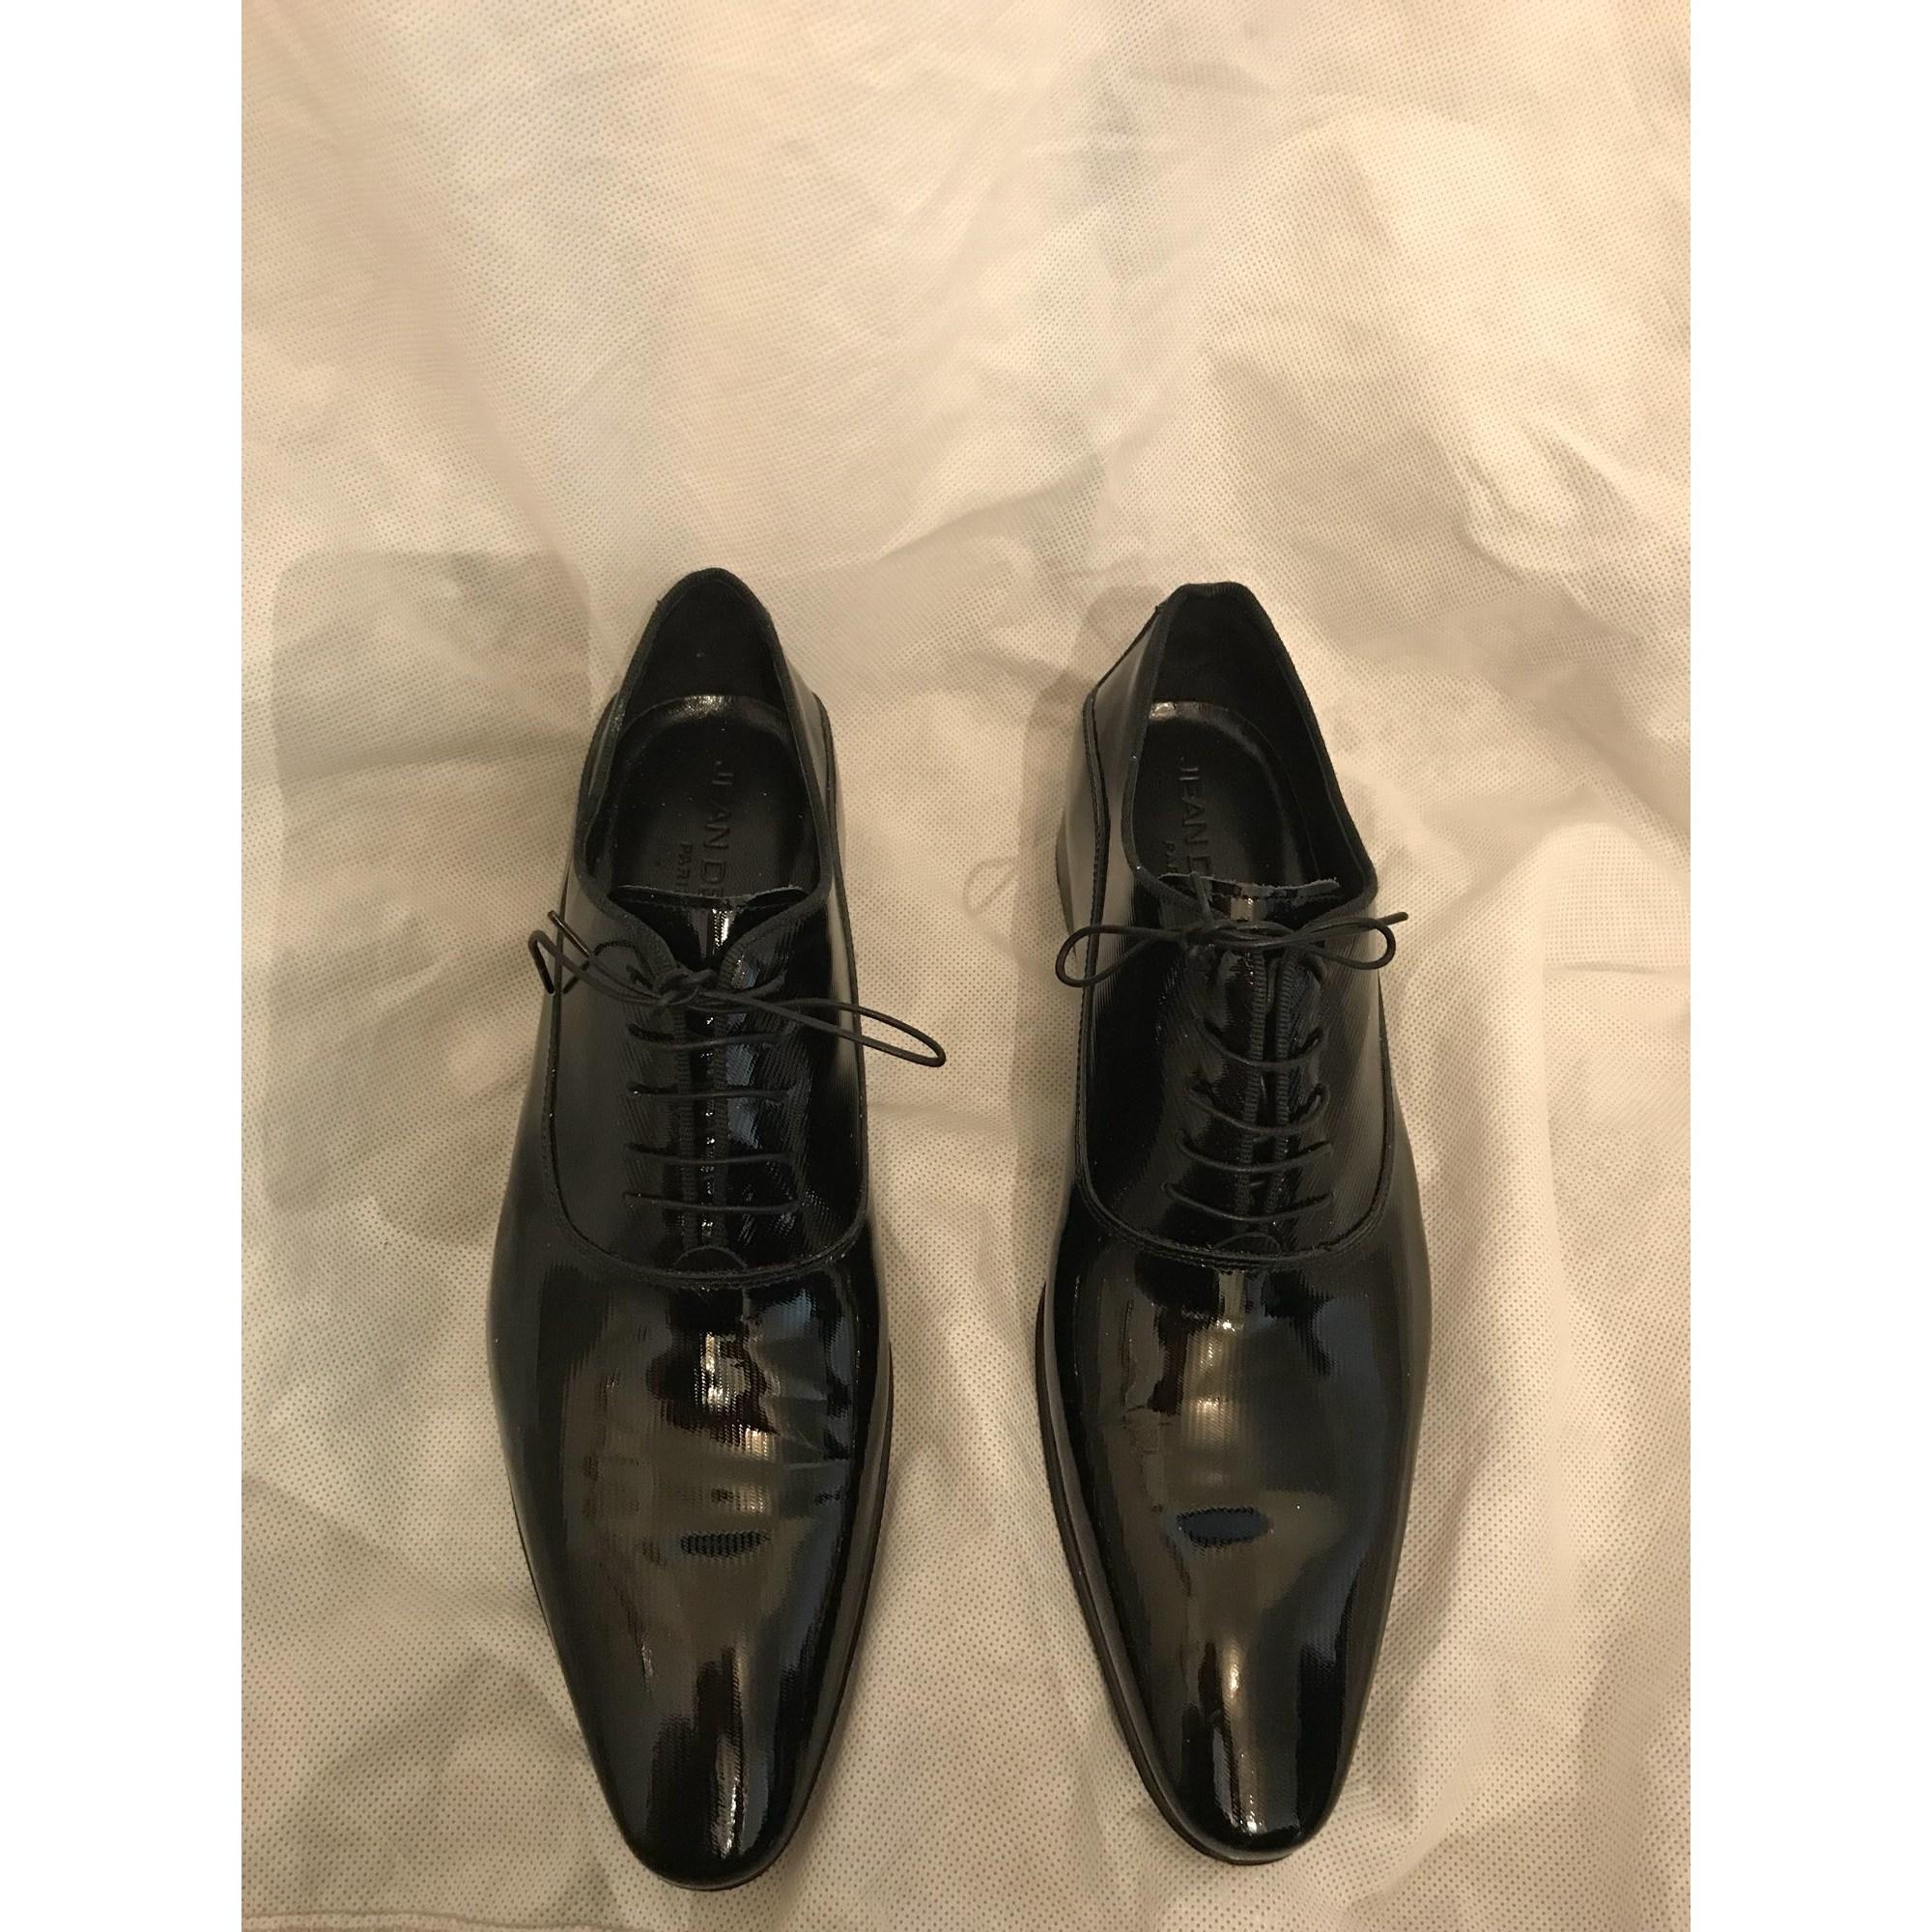 f6a9c057494 Chaussures à lacets JEAN DE SEY 43 noir - 6555212